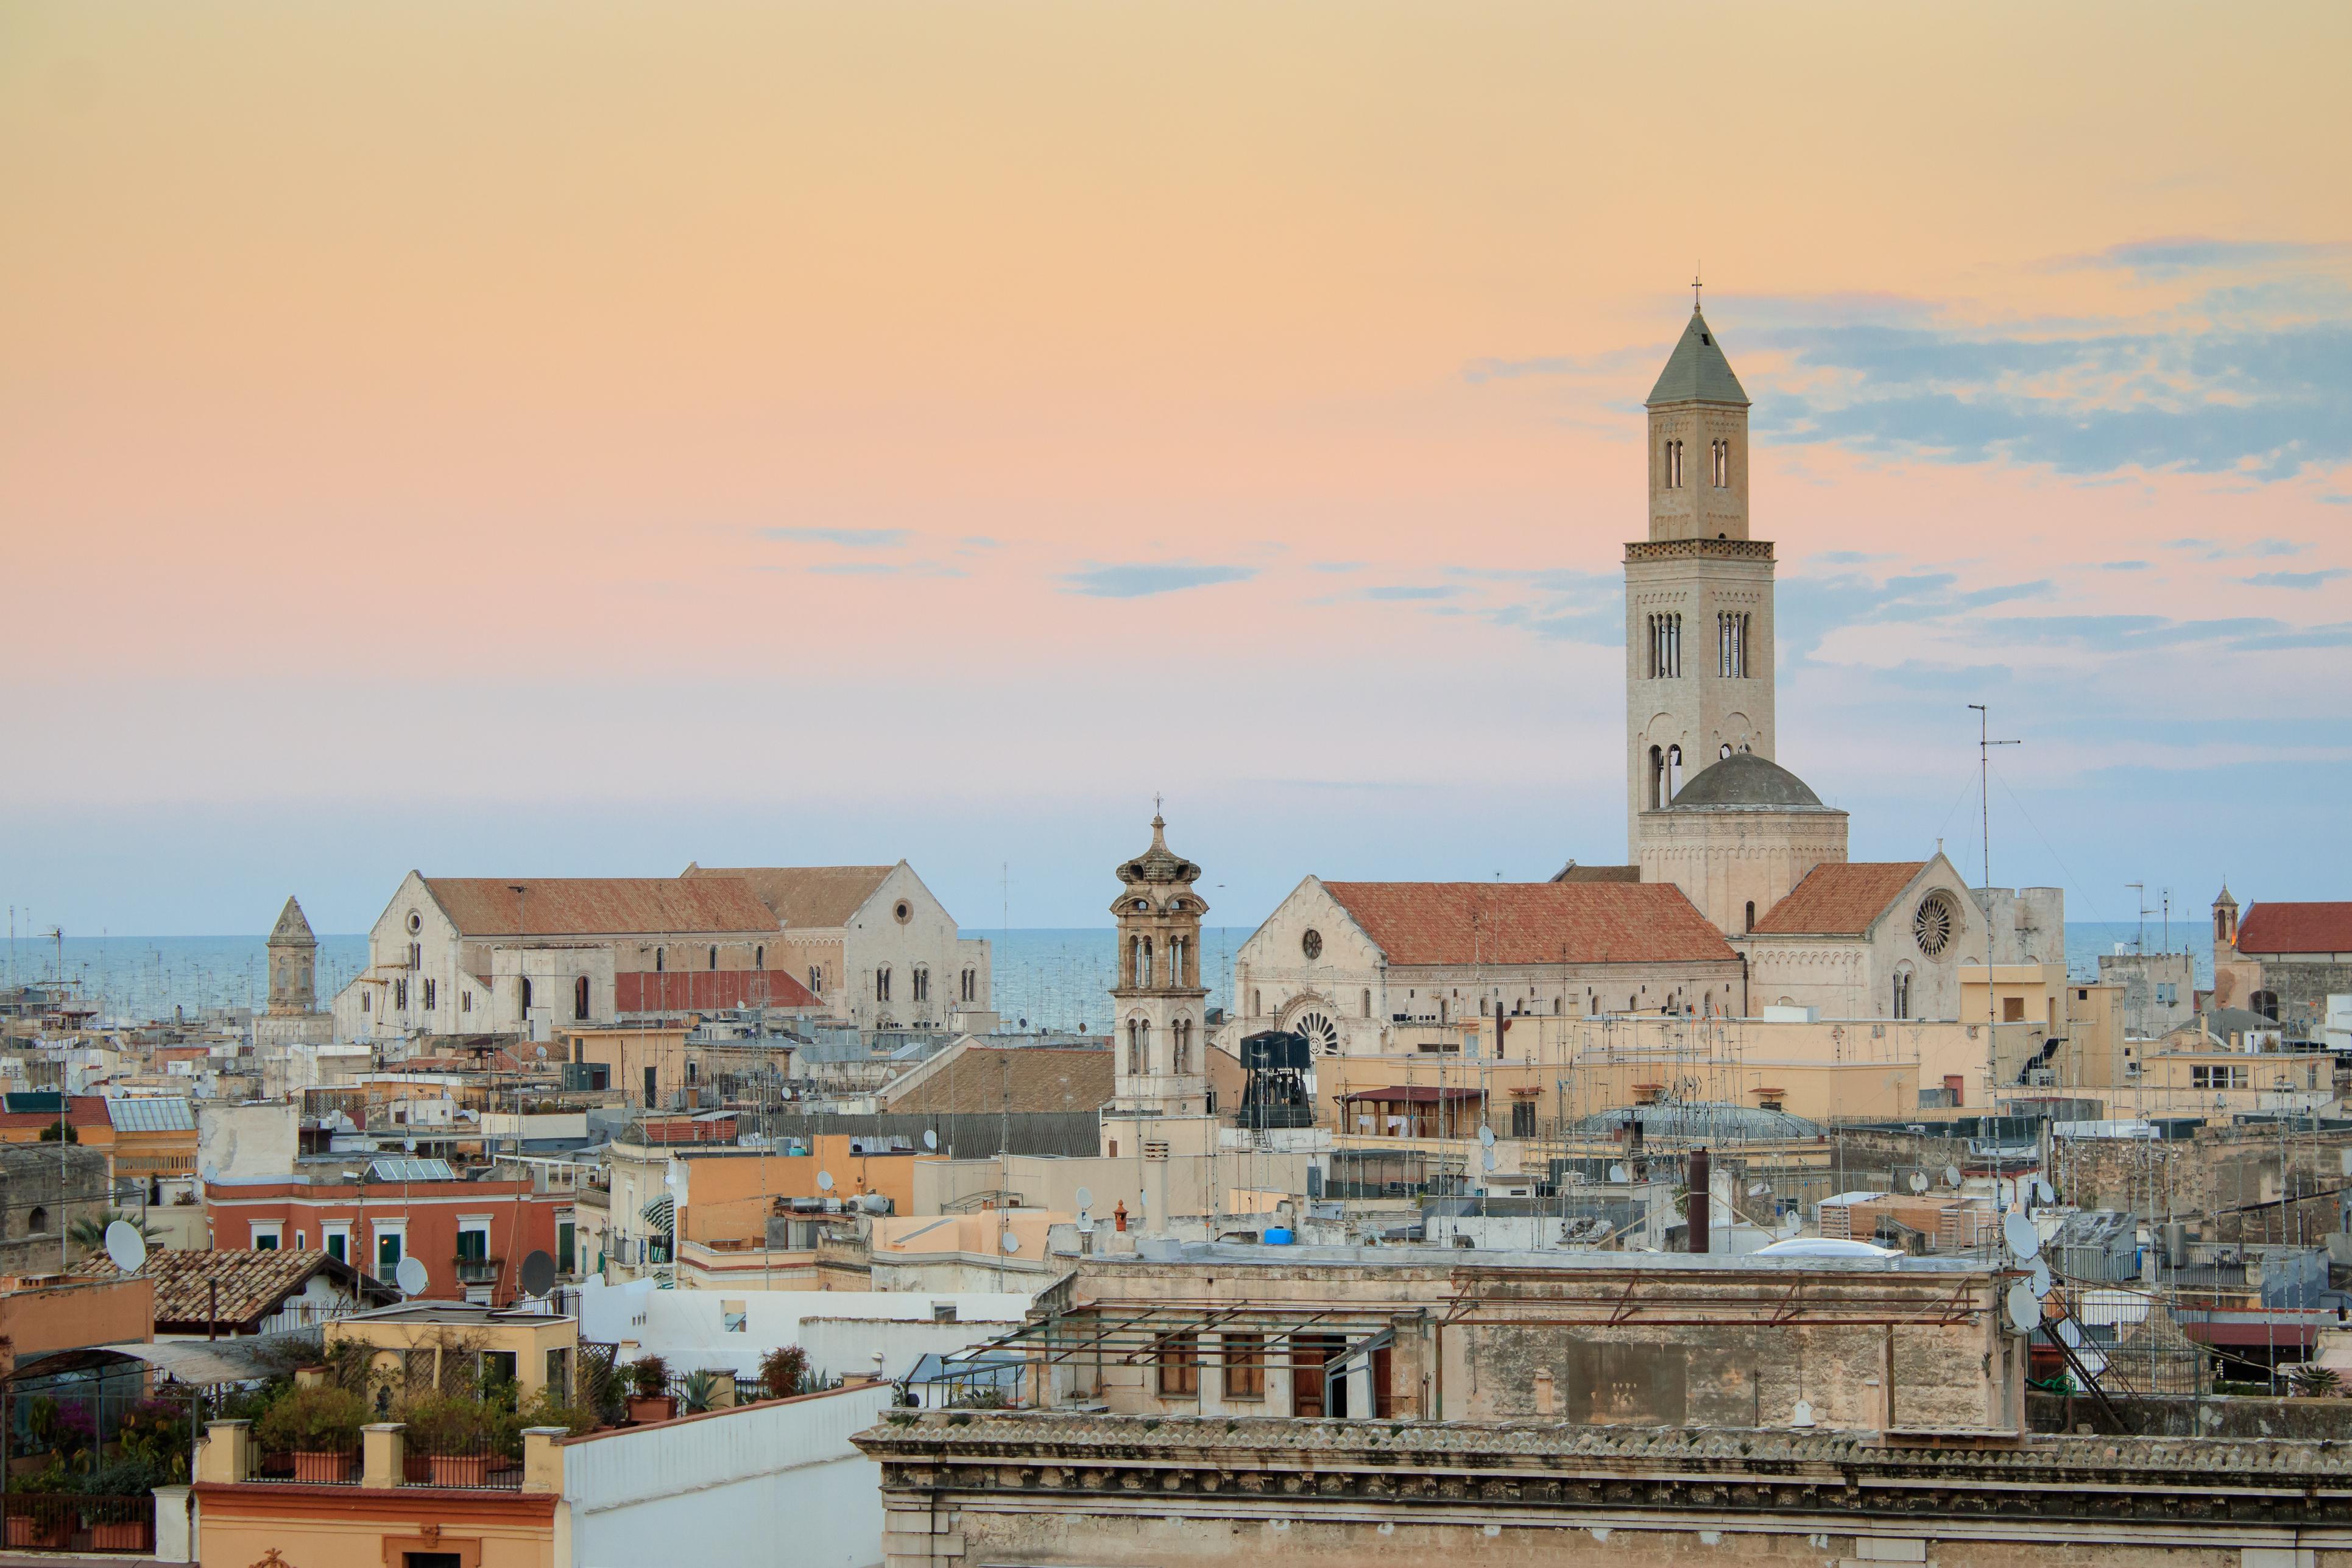 ¡Bari te ofrece cultura, naturaleza y una exquisita gastronomía! - Italia Escapada Escapada Sur de Italia: de Nápoles a Puglia